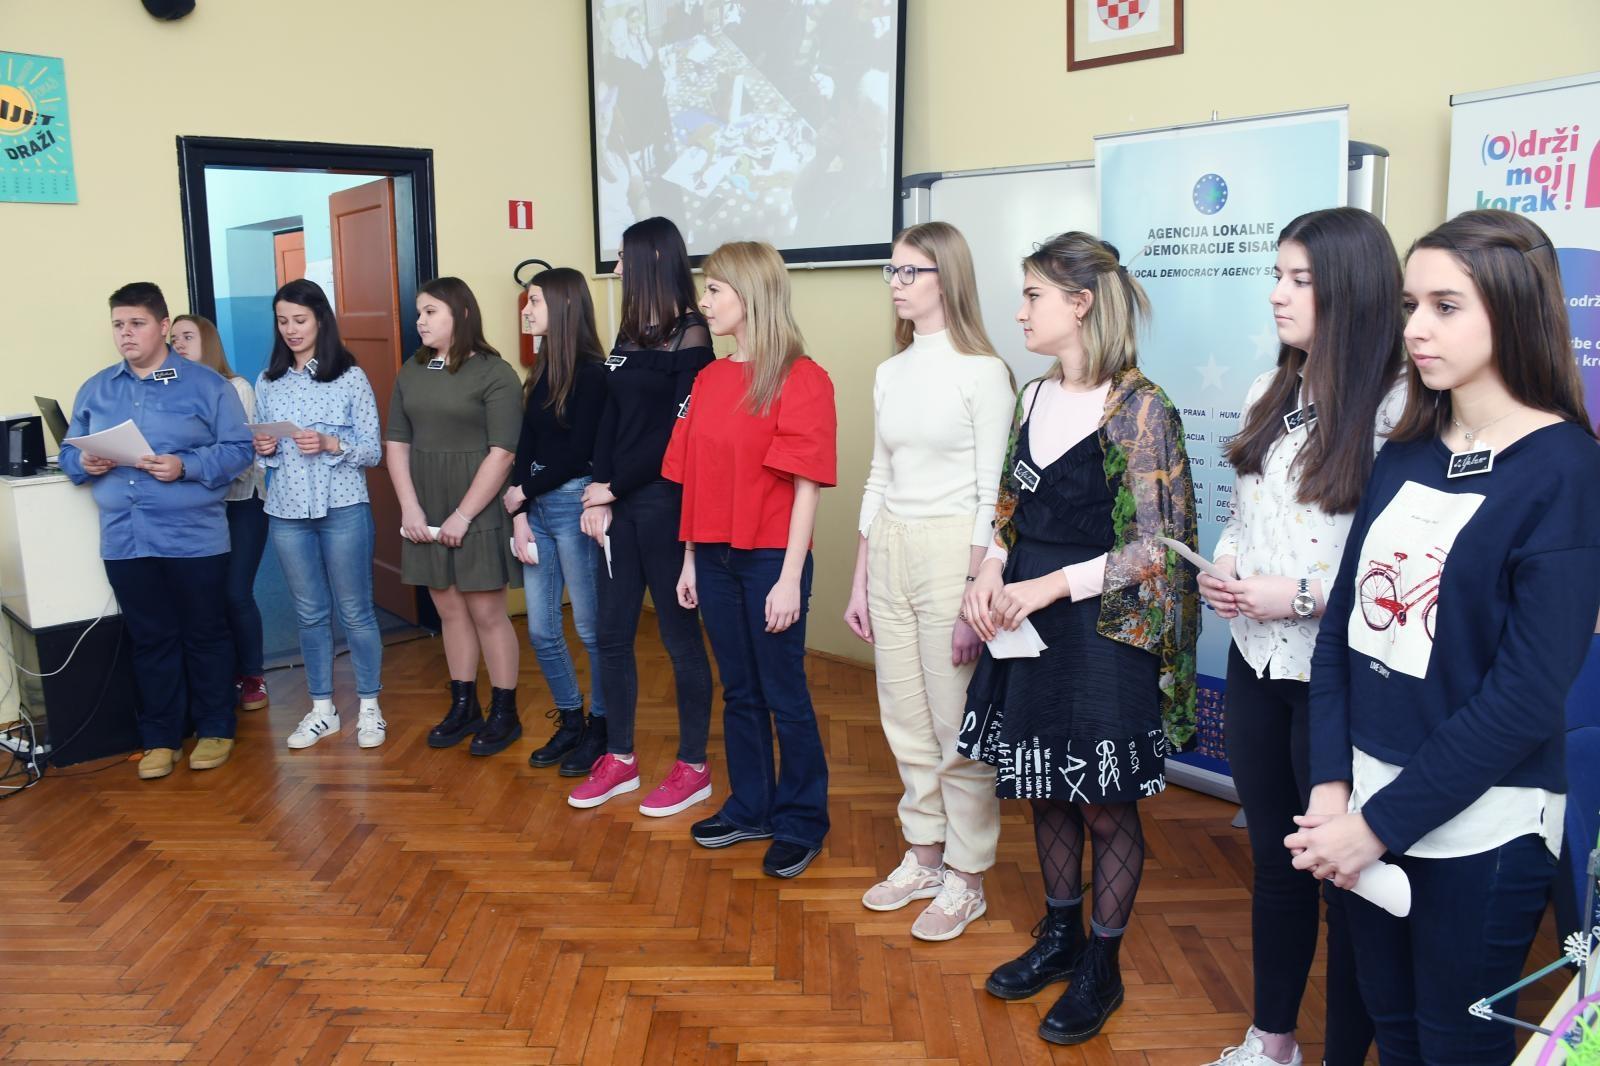 Sisački gimnazijalci pokrenuli vlastiti volonterski klub